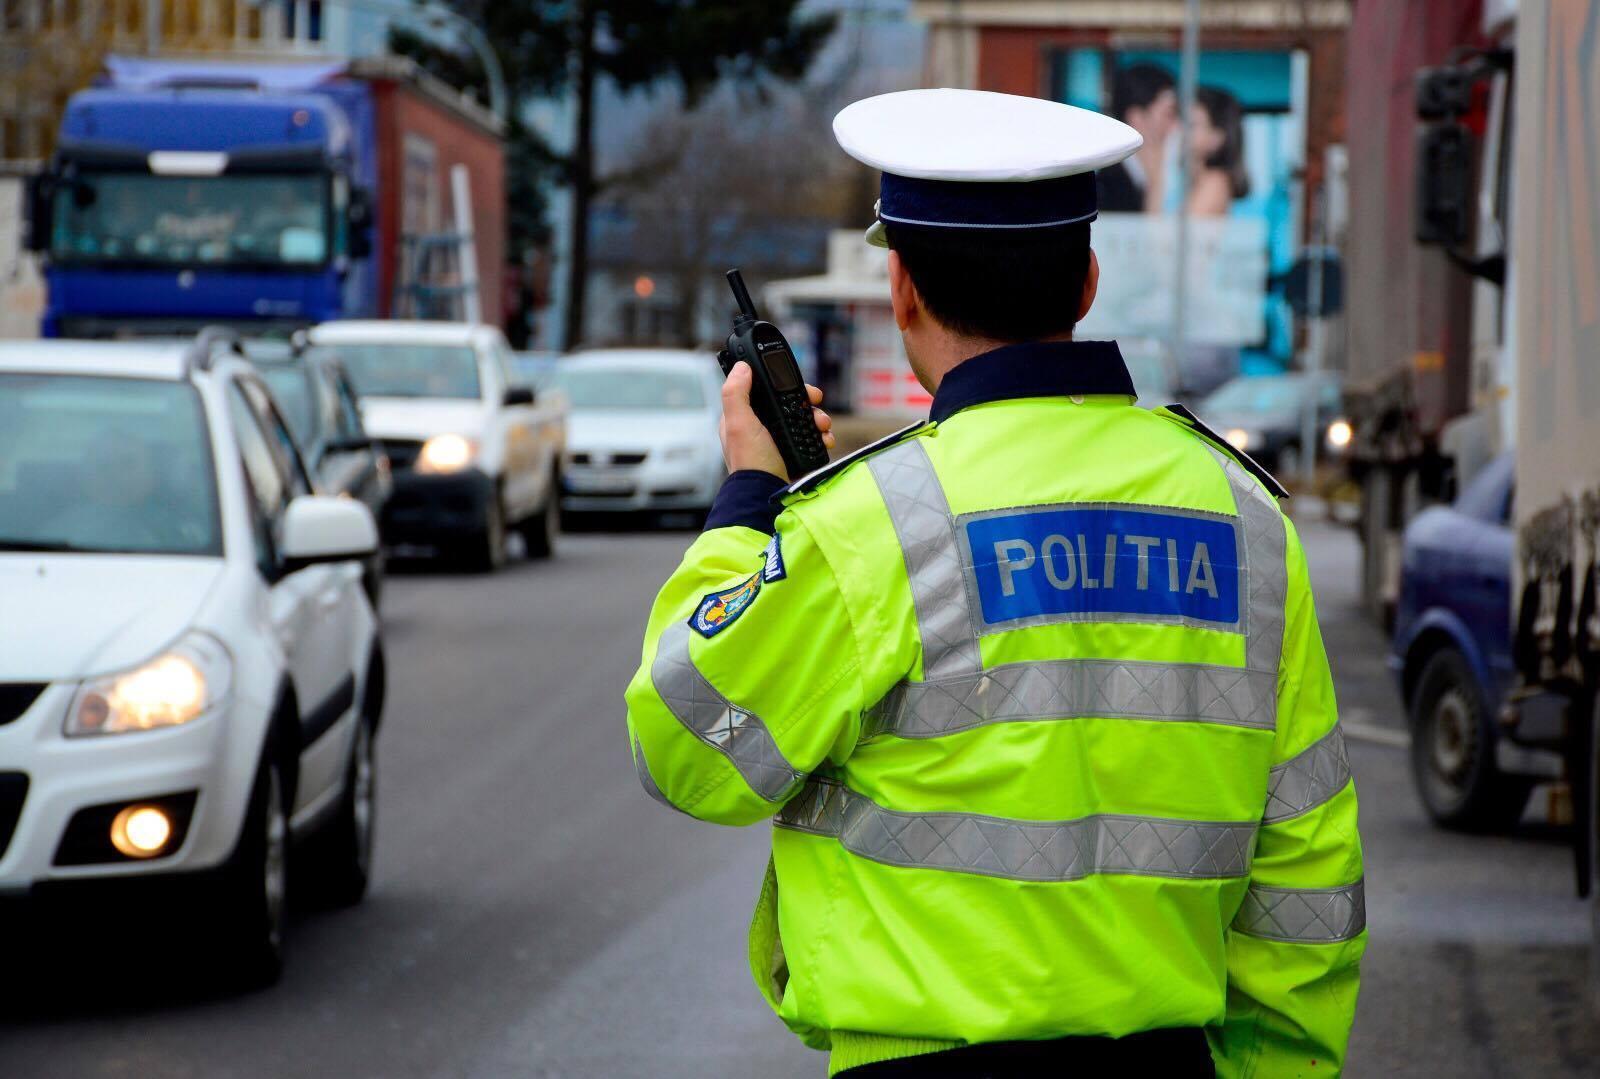 Tinerea in mana si folosirea telefonului la volan interzise. Proiectul de lege ar putea fi adoptat azi